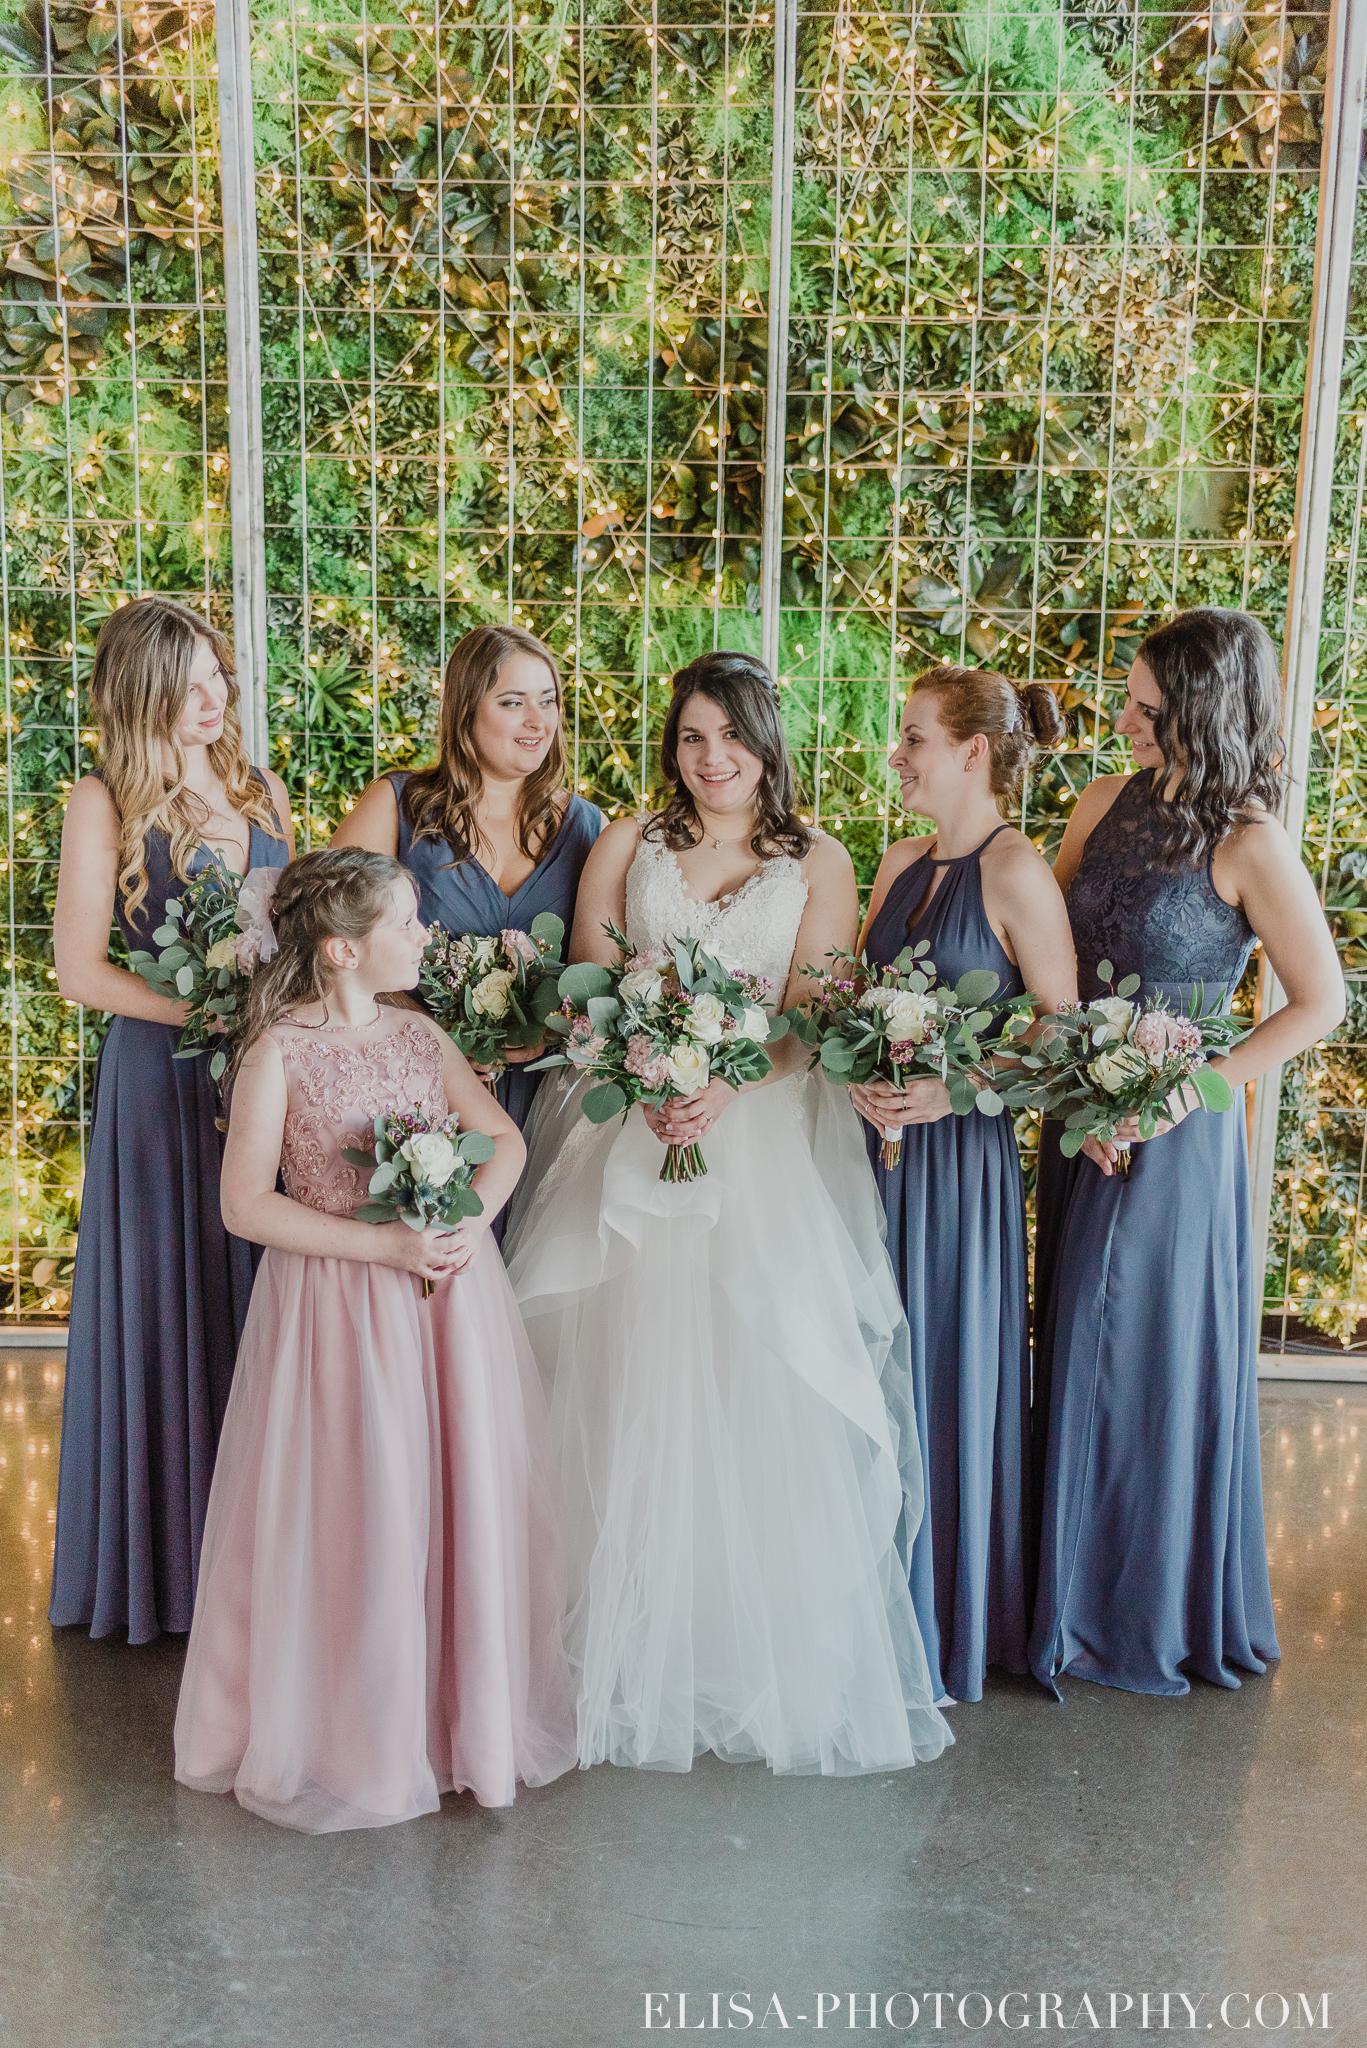 photo mariage quai cap blanc quebec cortege robe mauve bouquetiere rose 2940 - Un chaleureux mariage hivernal à la salle du Quai du Cap Blanc, Québec